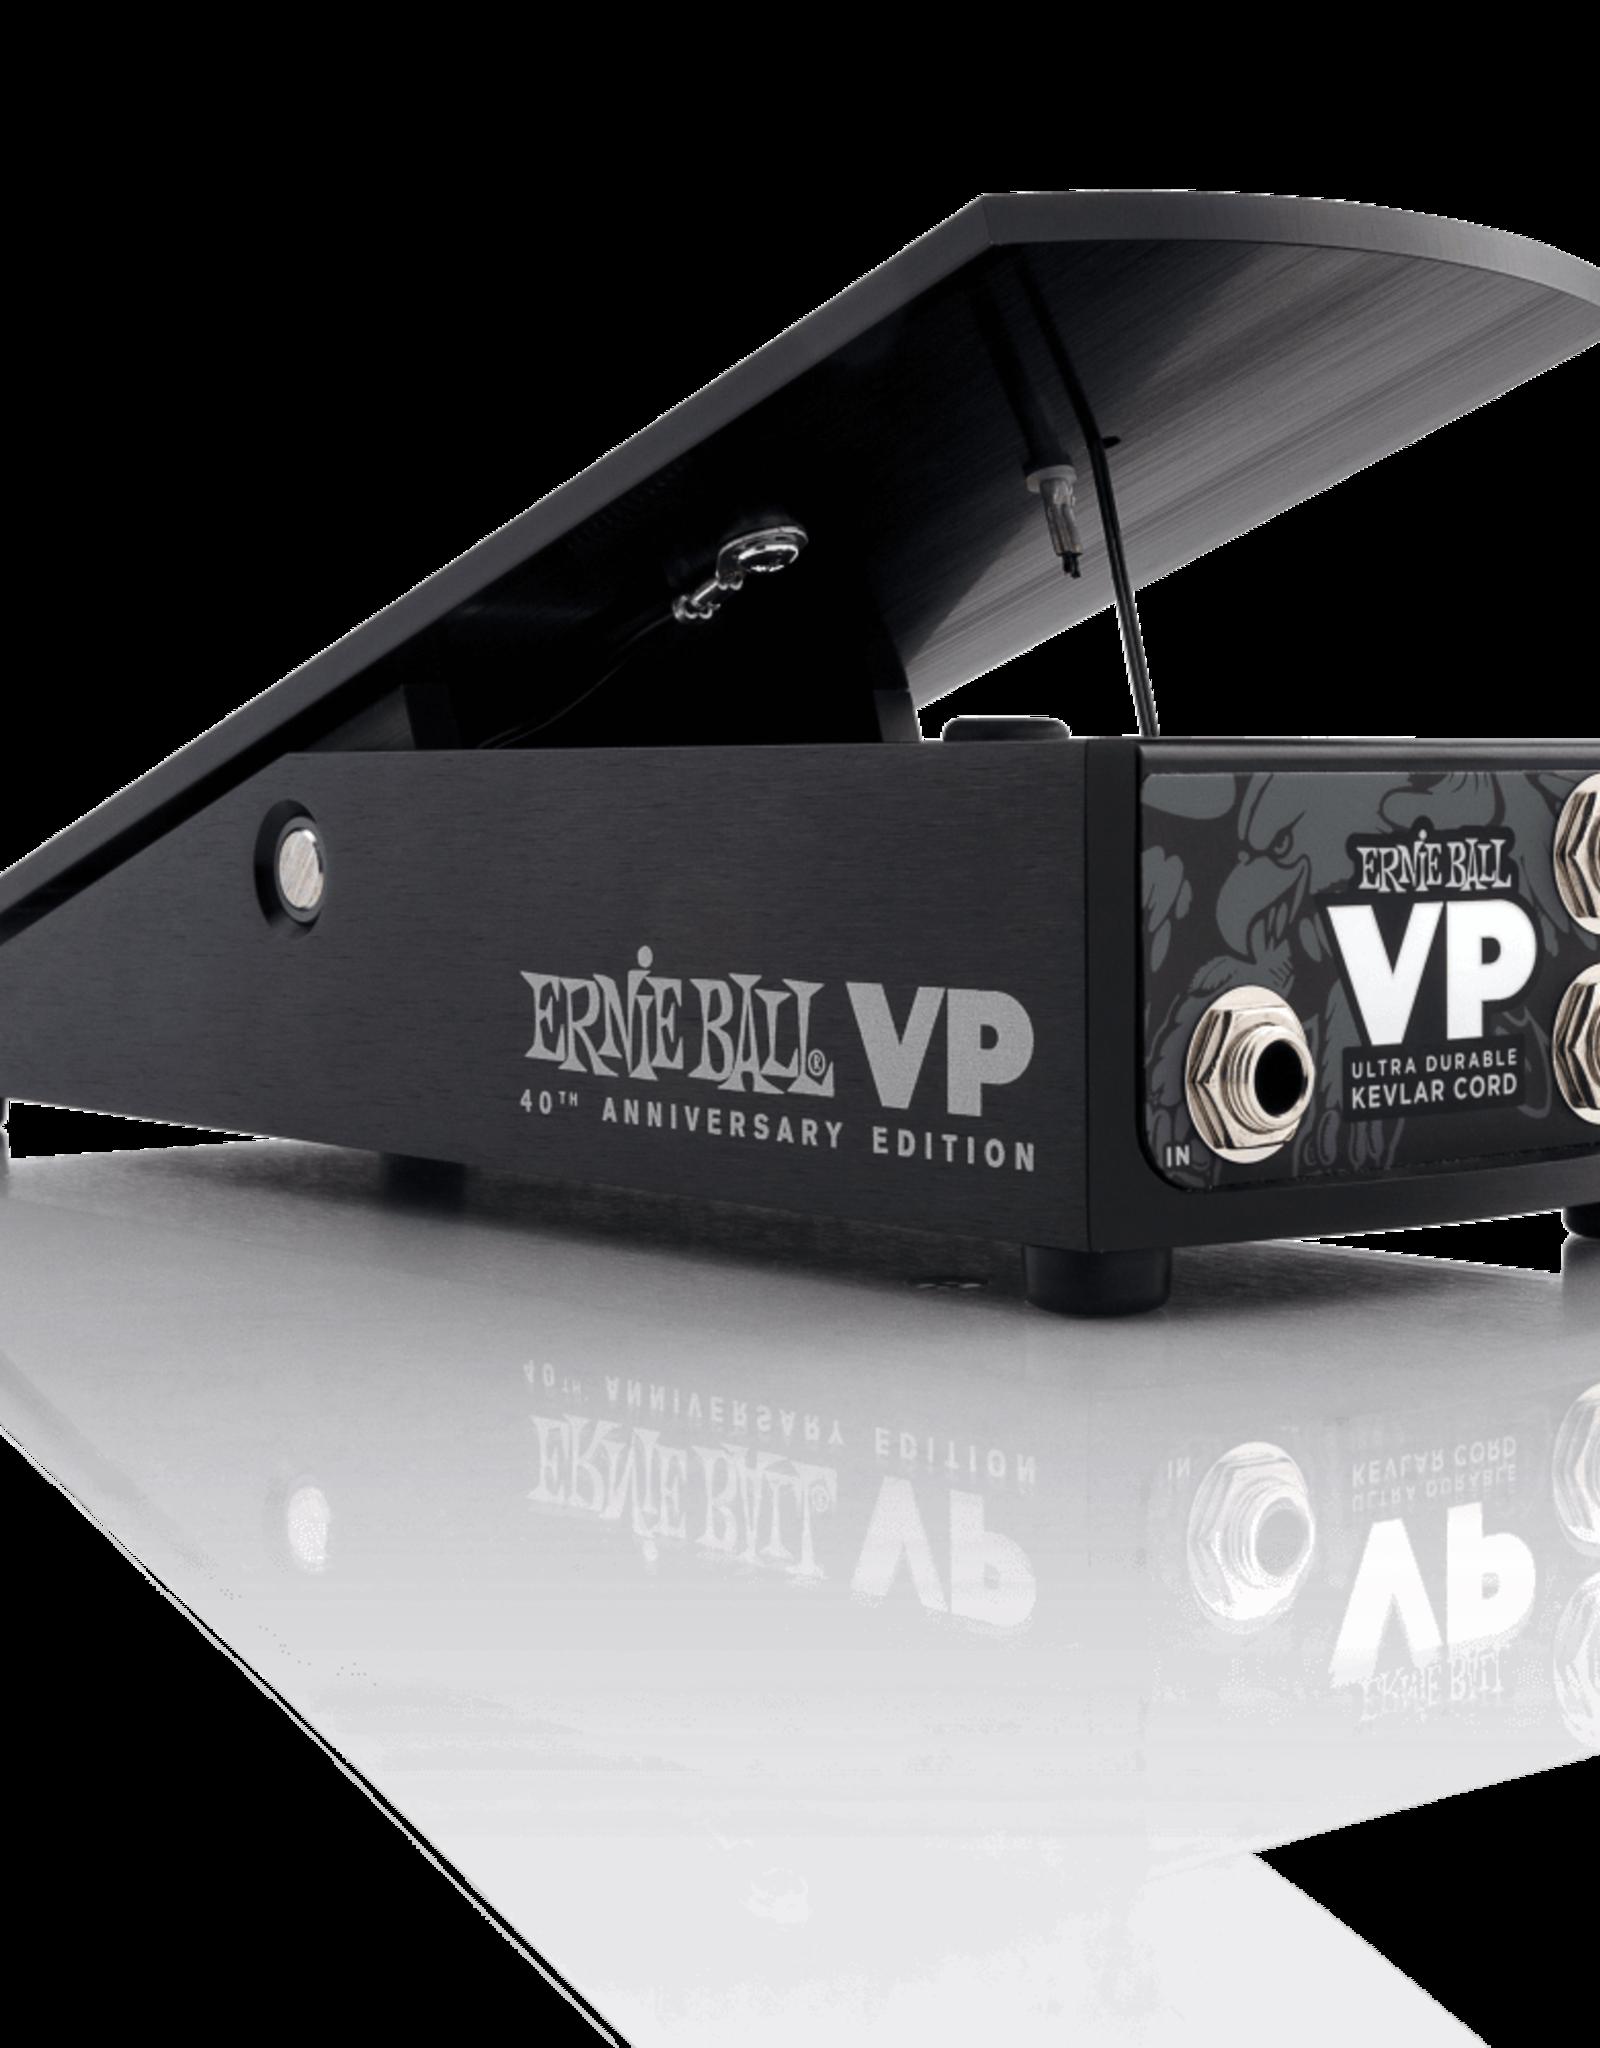 Ernie Ball Ernie Ball VP 40th Anniversary Volume Pedal